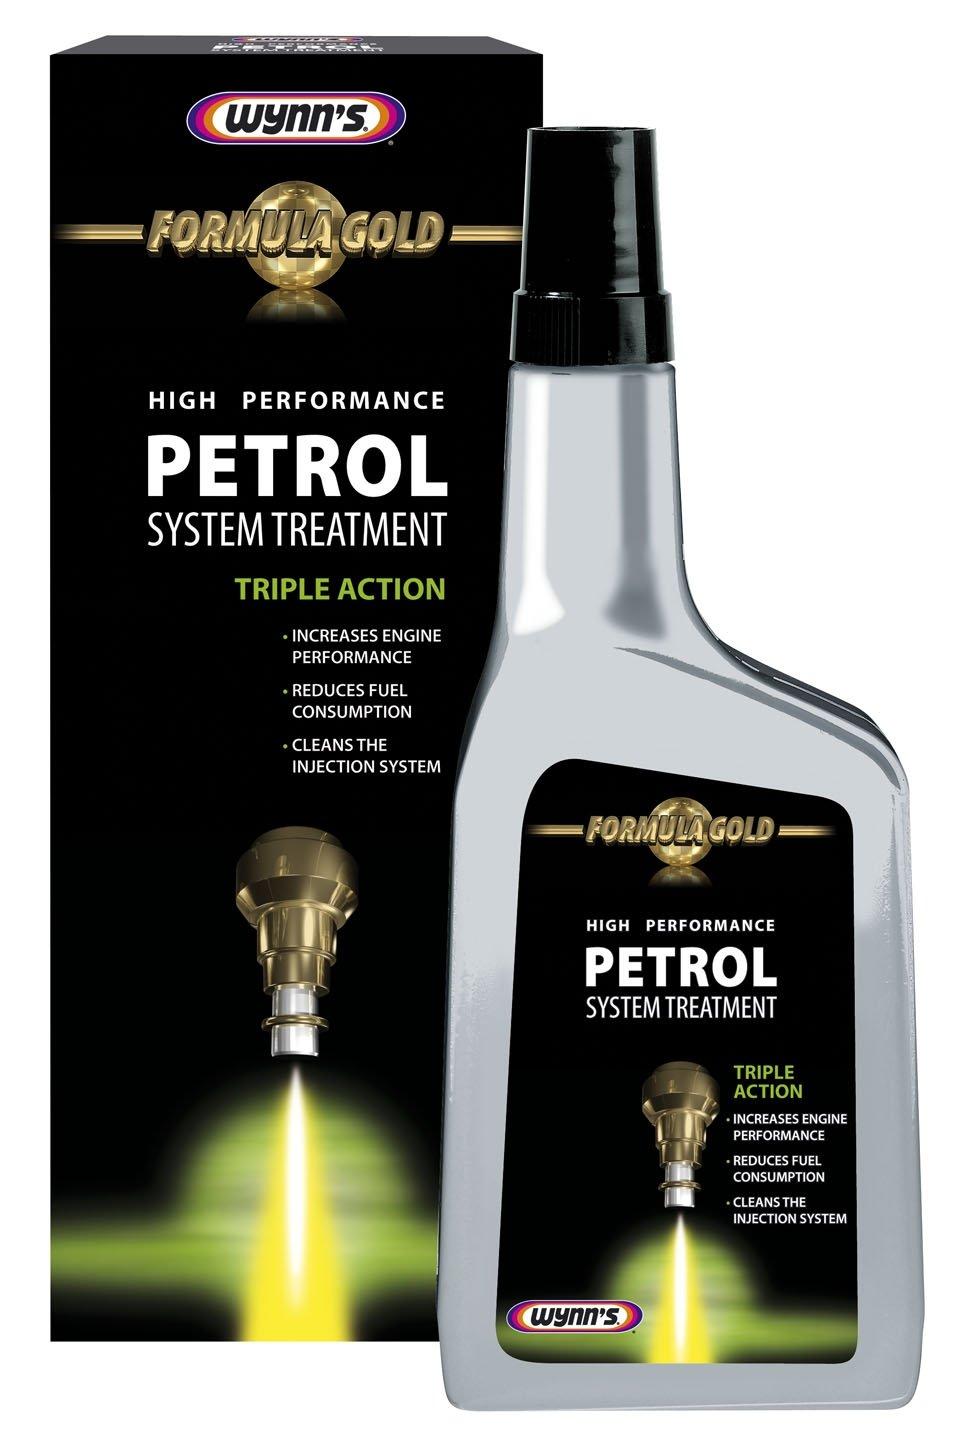 Wynns Formula Gold Fuel System Treatment